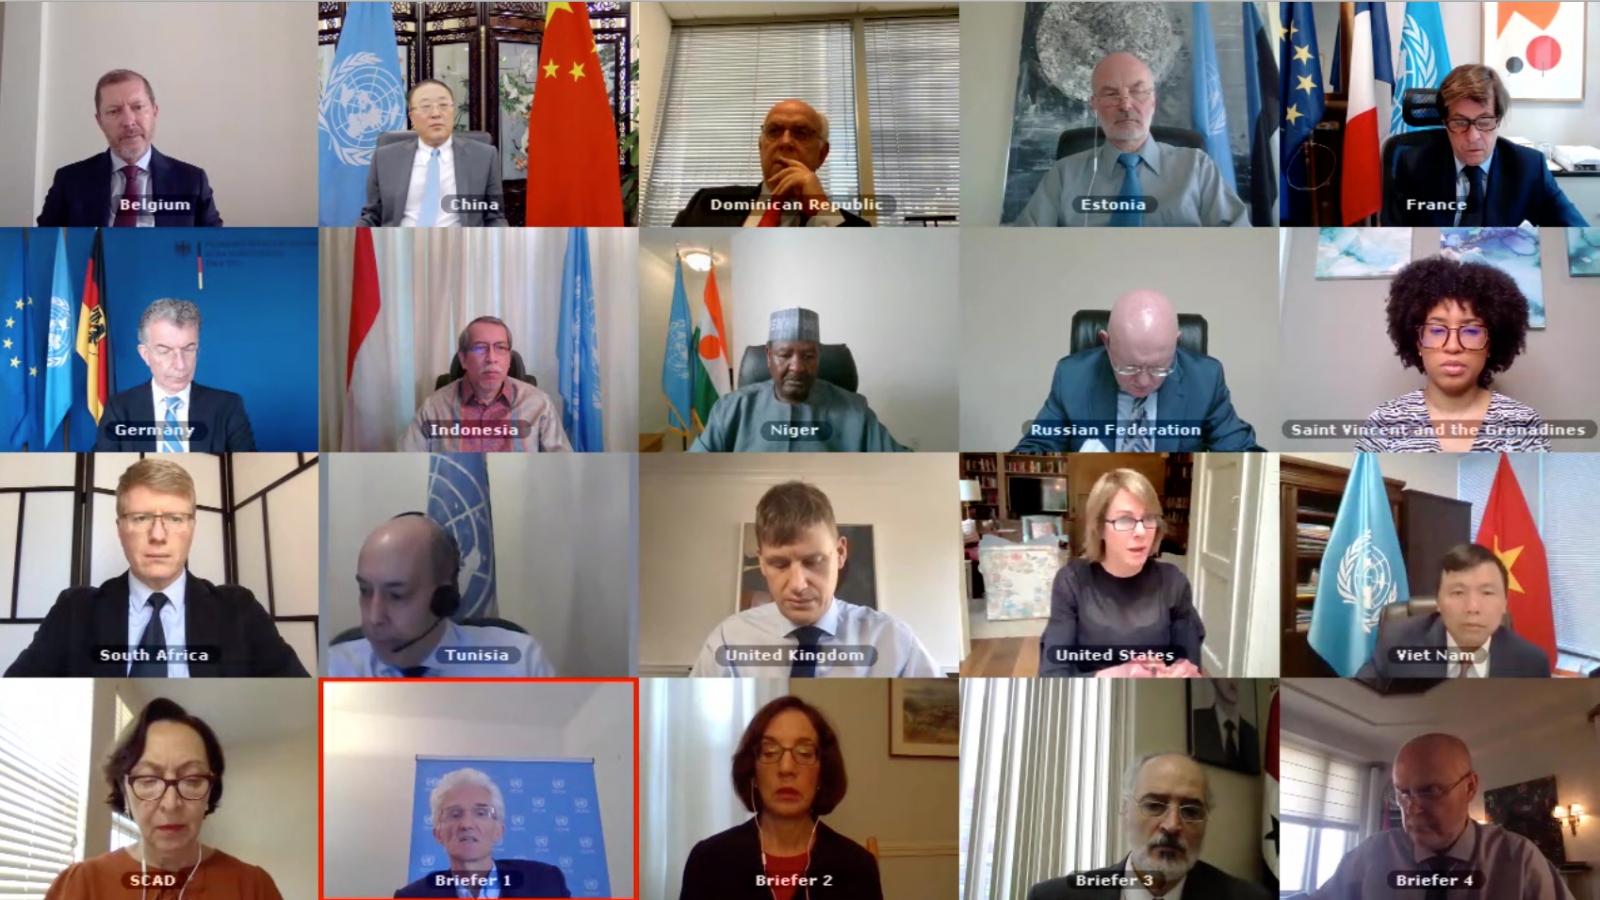 Hội đồng Bảo an Liên Hợp Quốc thảo luận về tình hình nhân đạo ở Syria